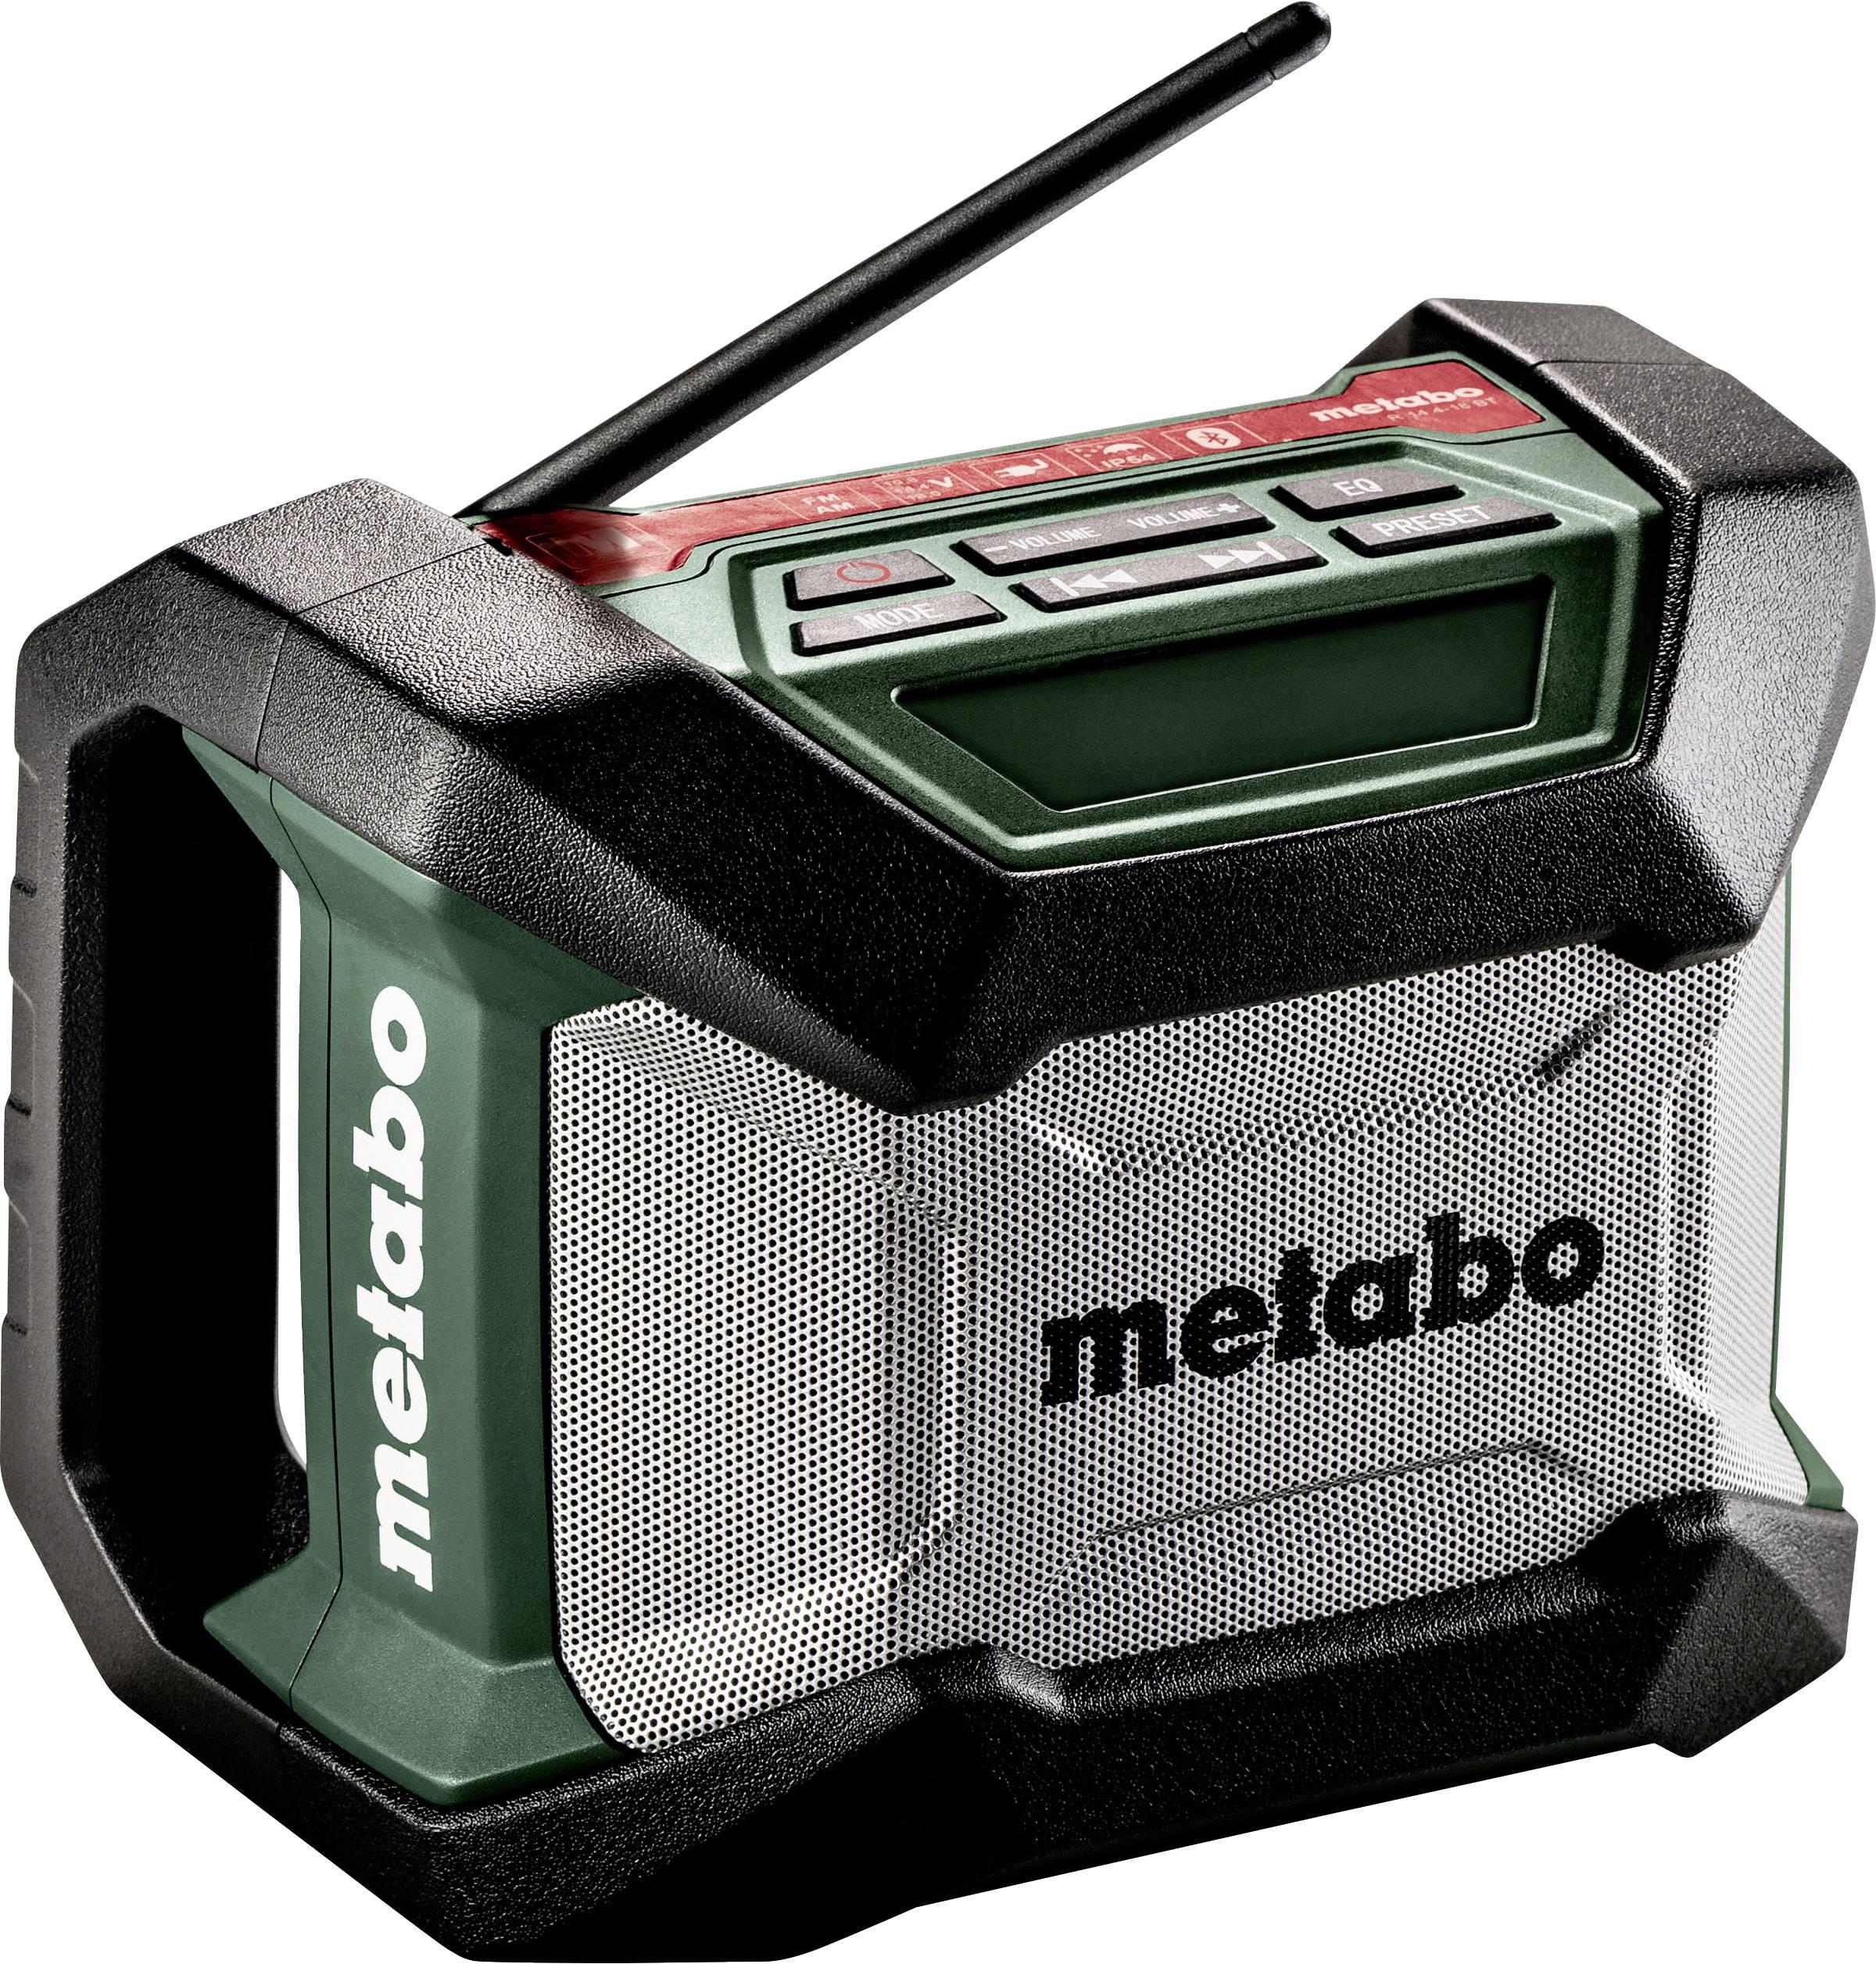 FM outdoorové rádio Metabo R 12-18, černá, zelená, šedá